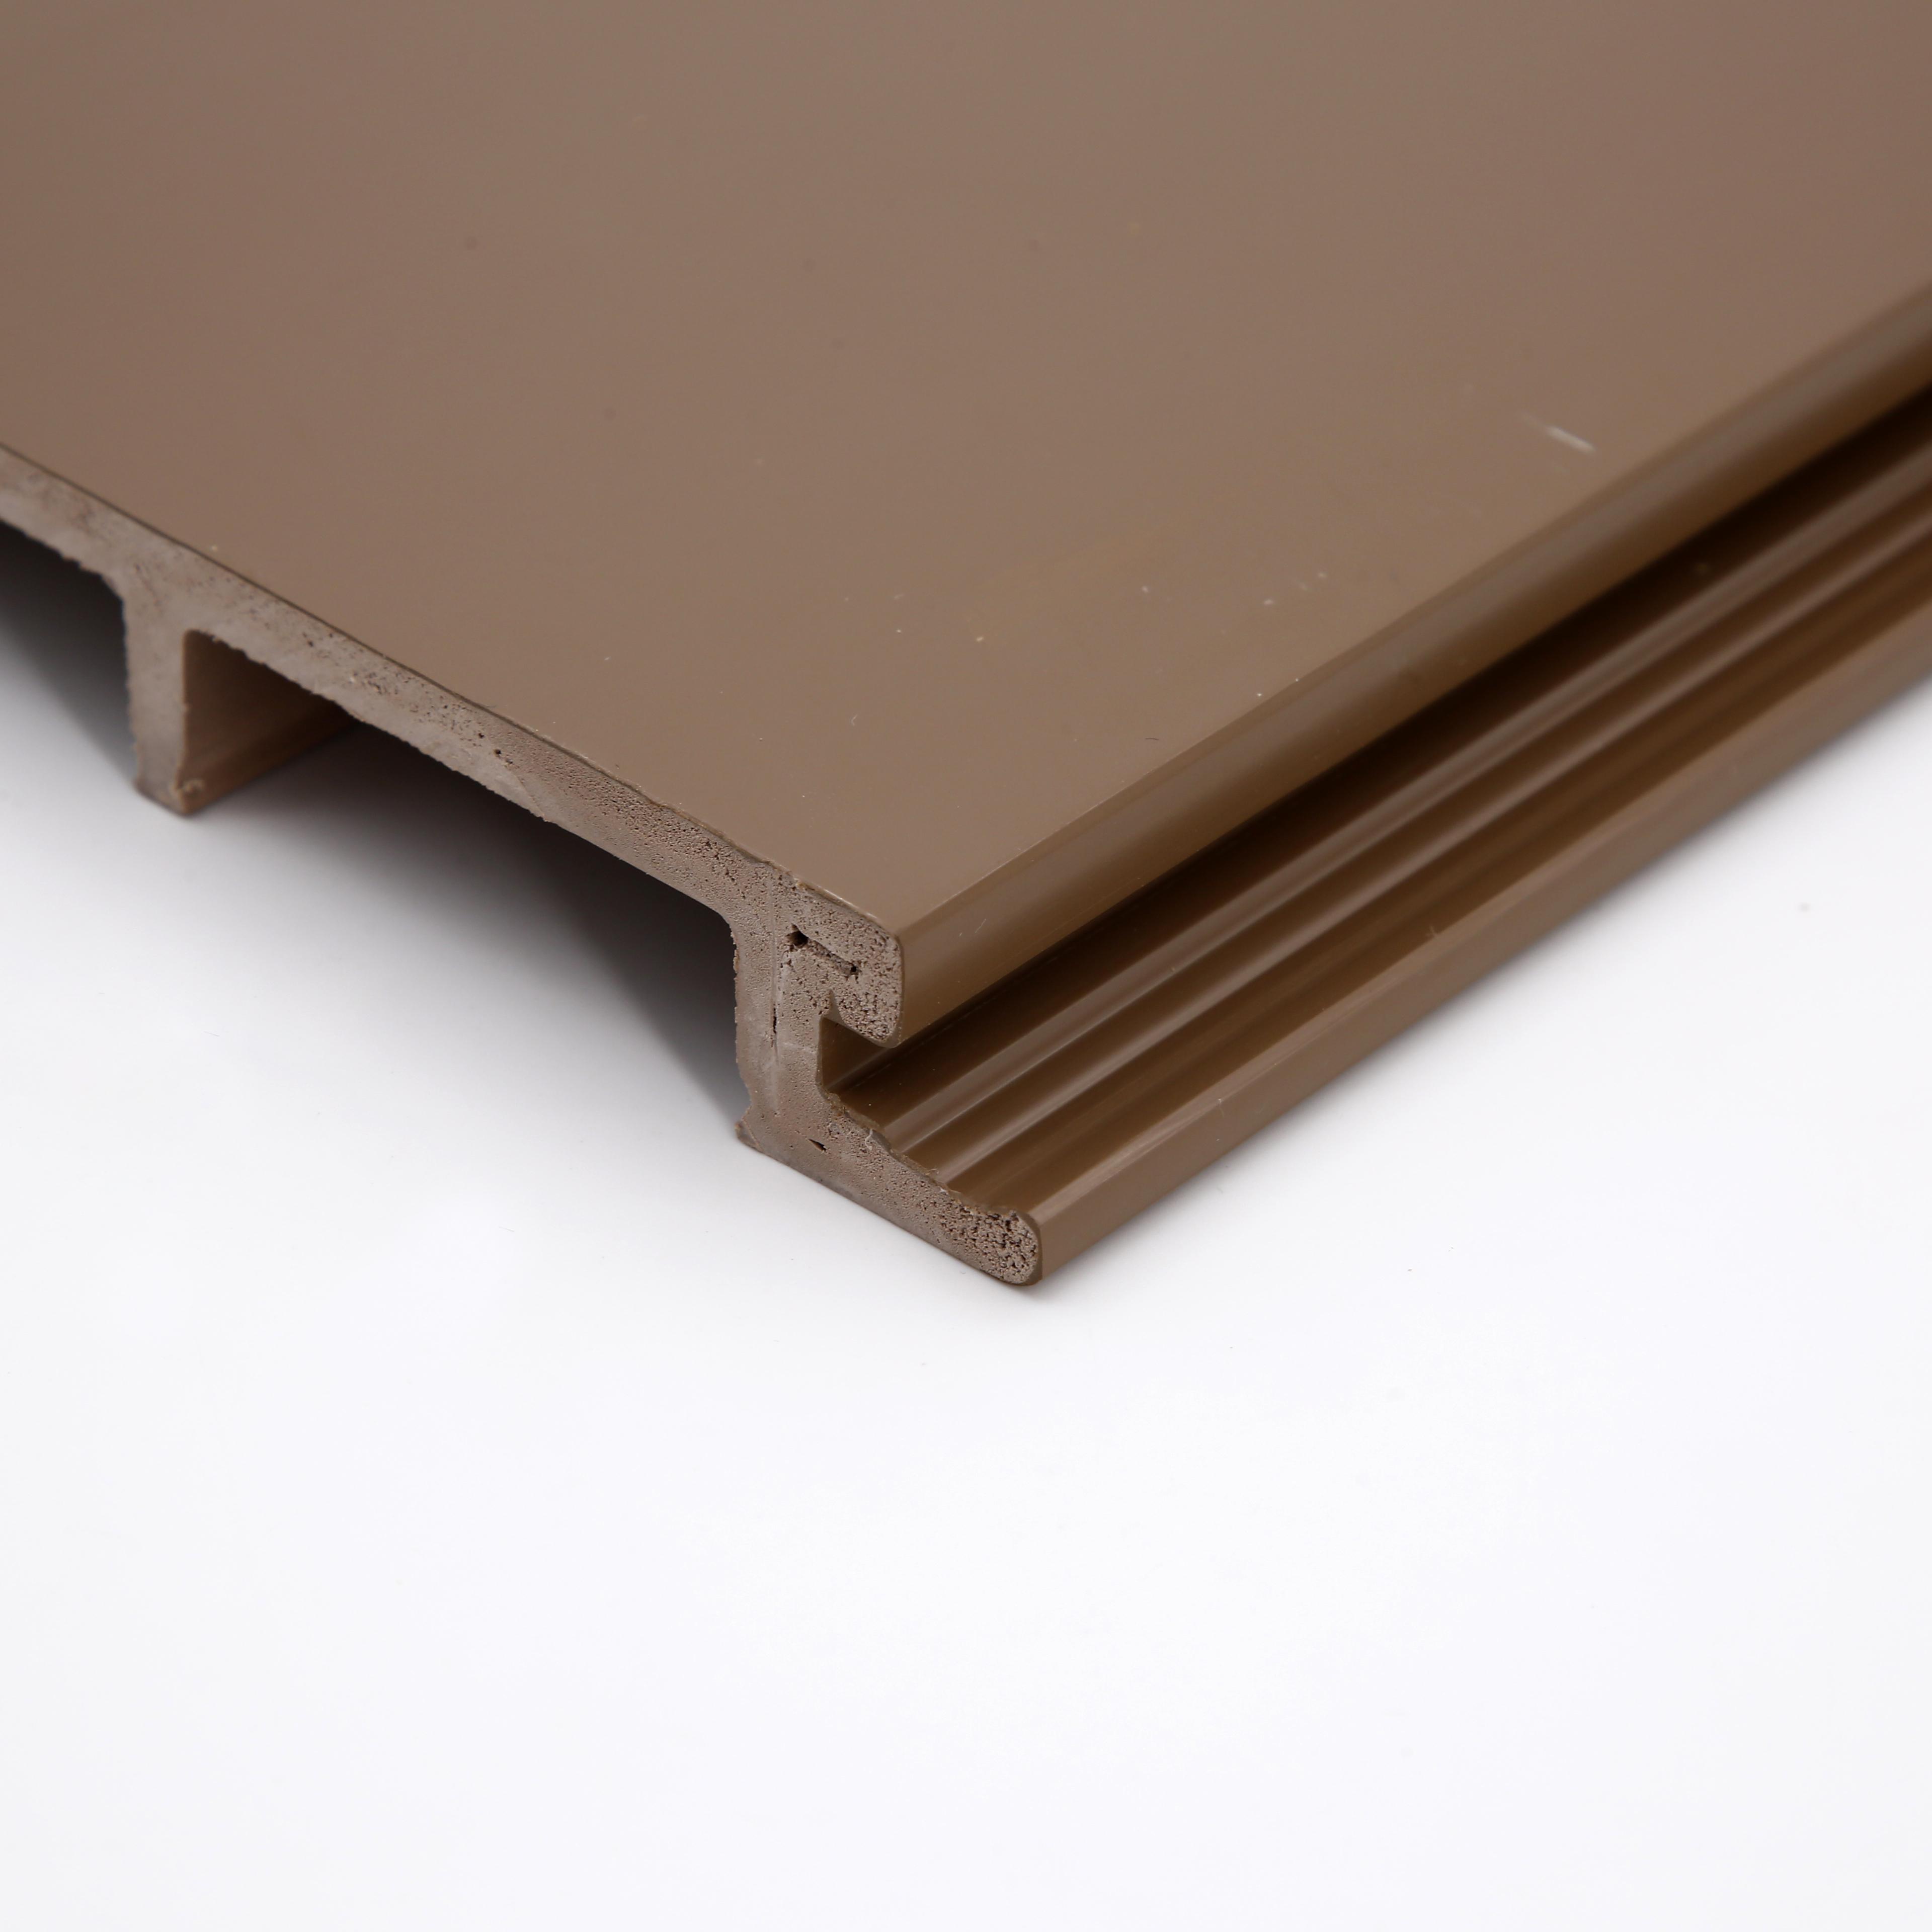 ПВХ Заводская деревянная зернистая настенная панель для украшения интерьера